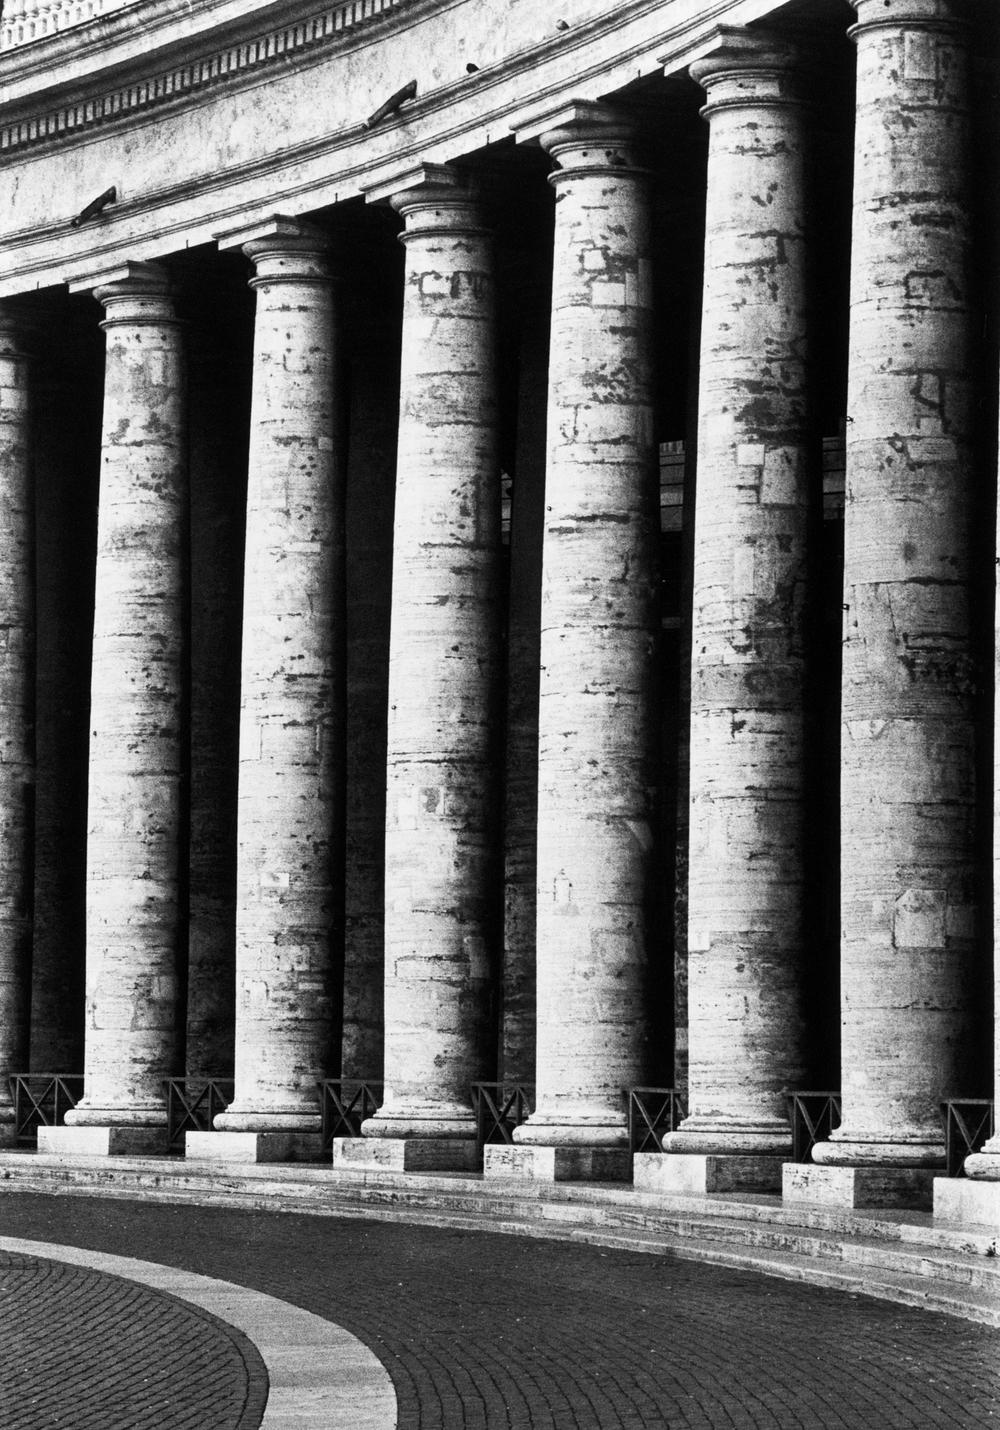 vita_g_architecturaldetails_4.jpg